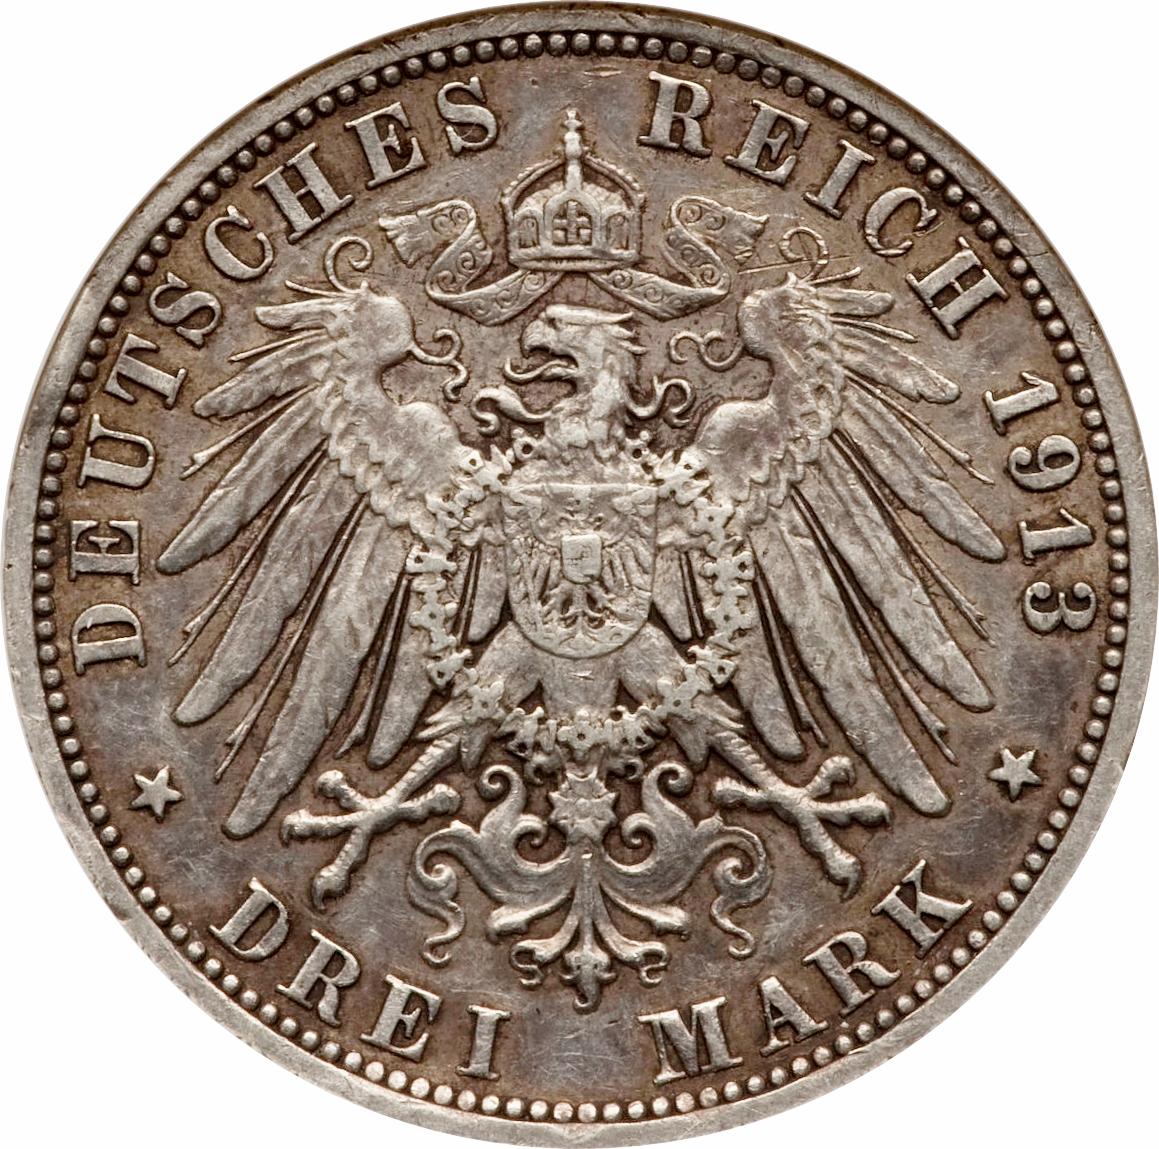 drei mark deutsches reich 1913